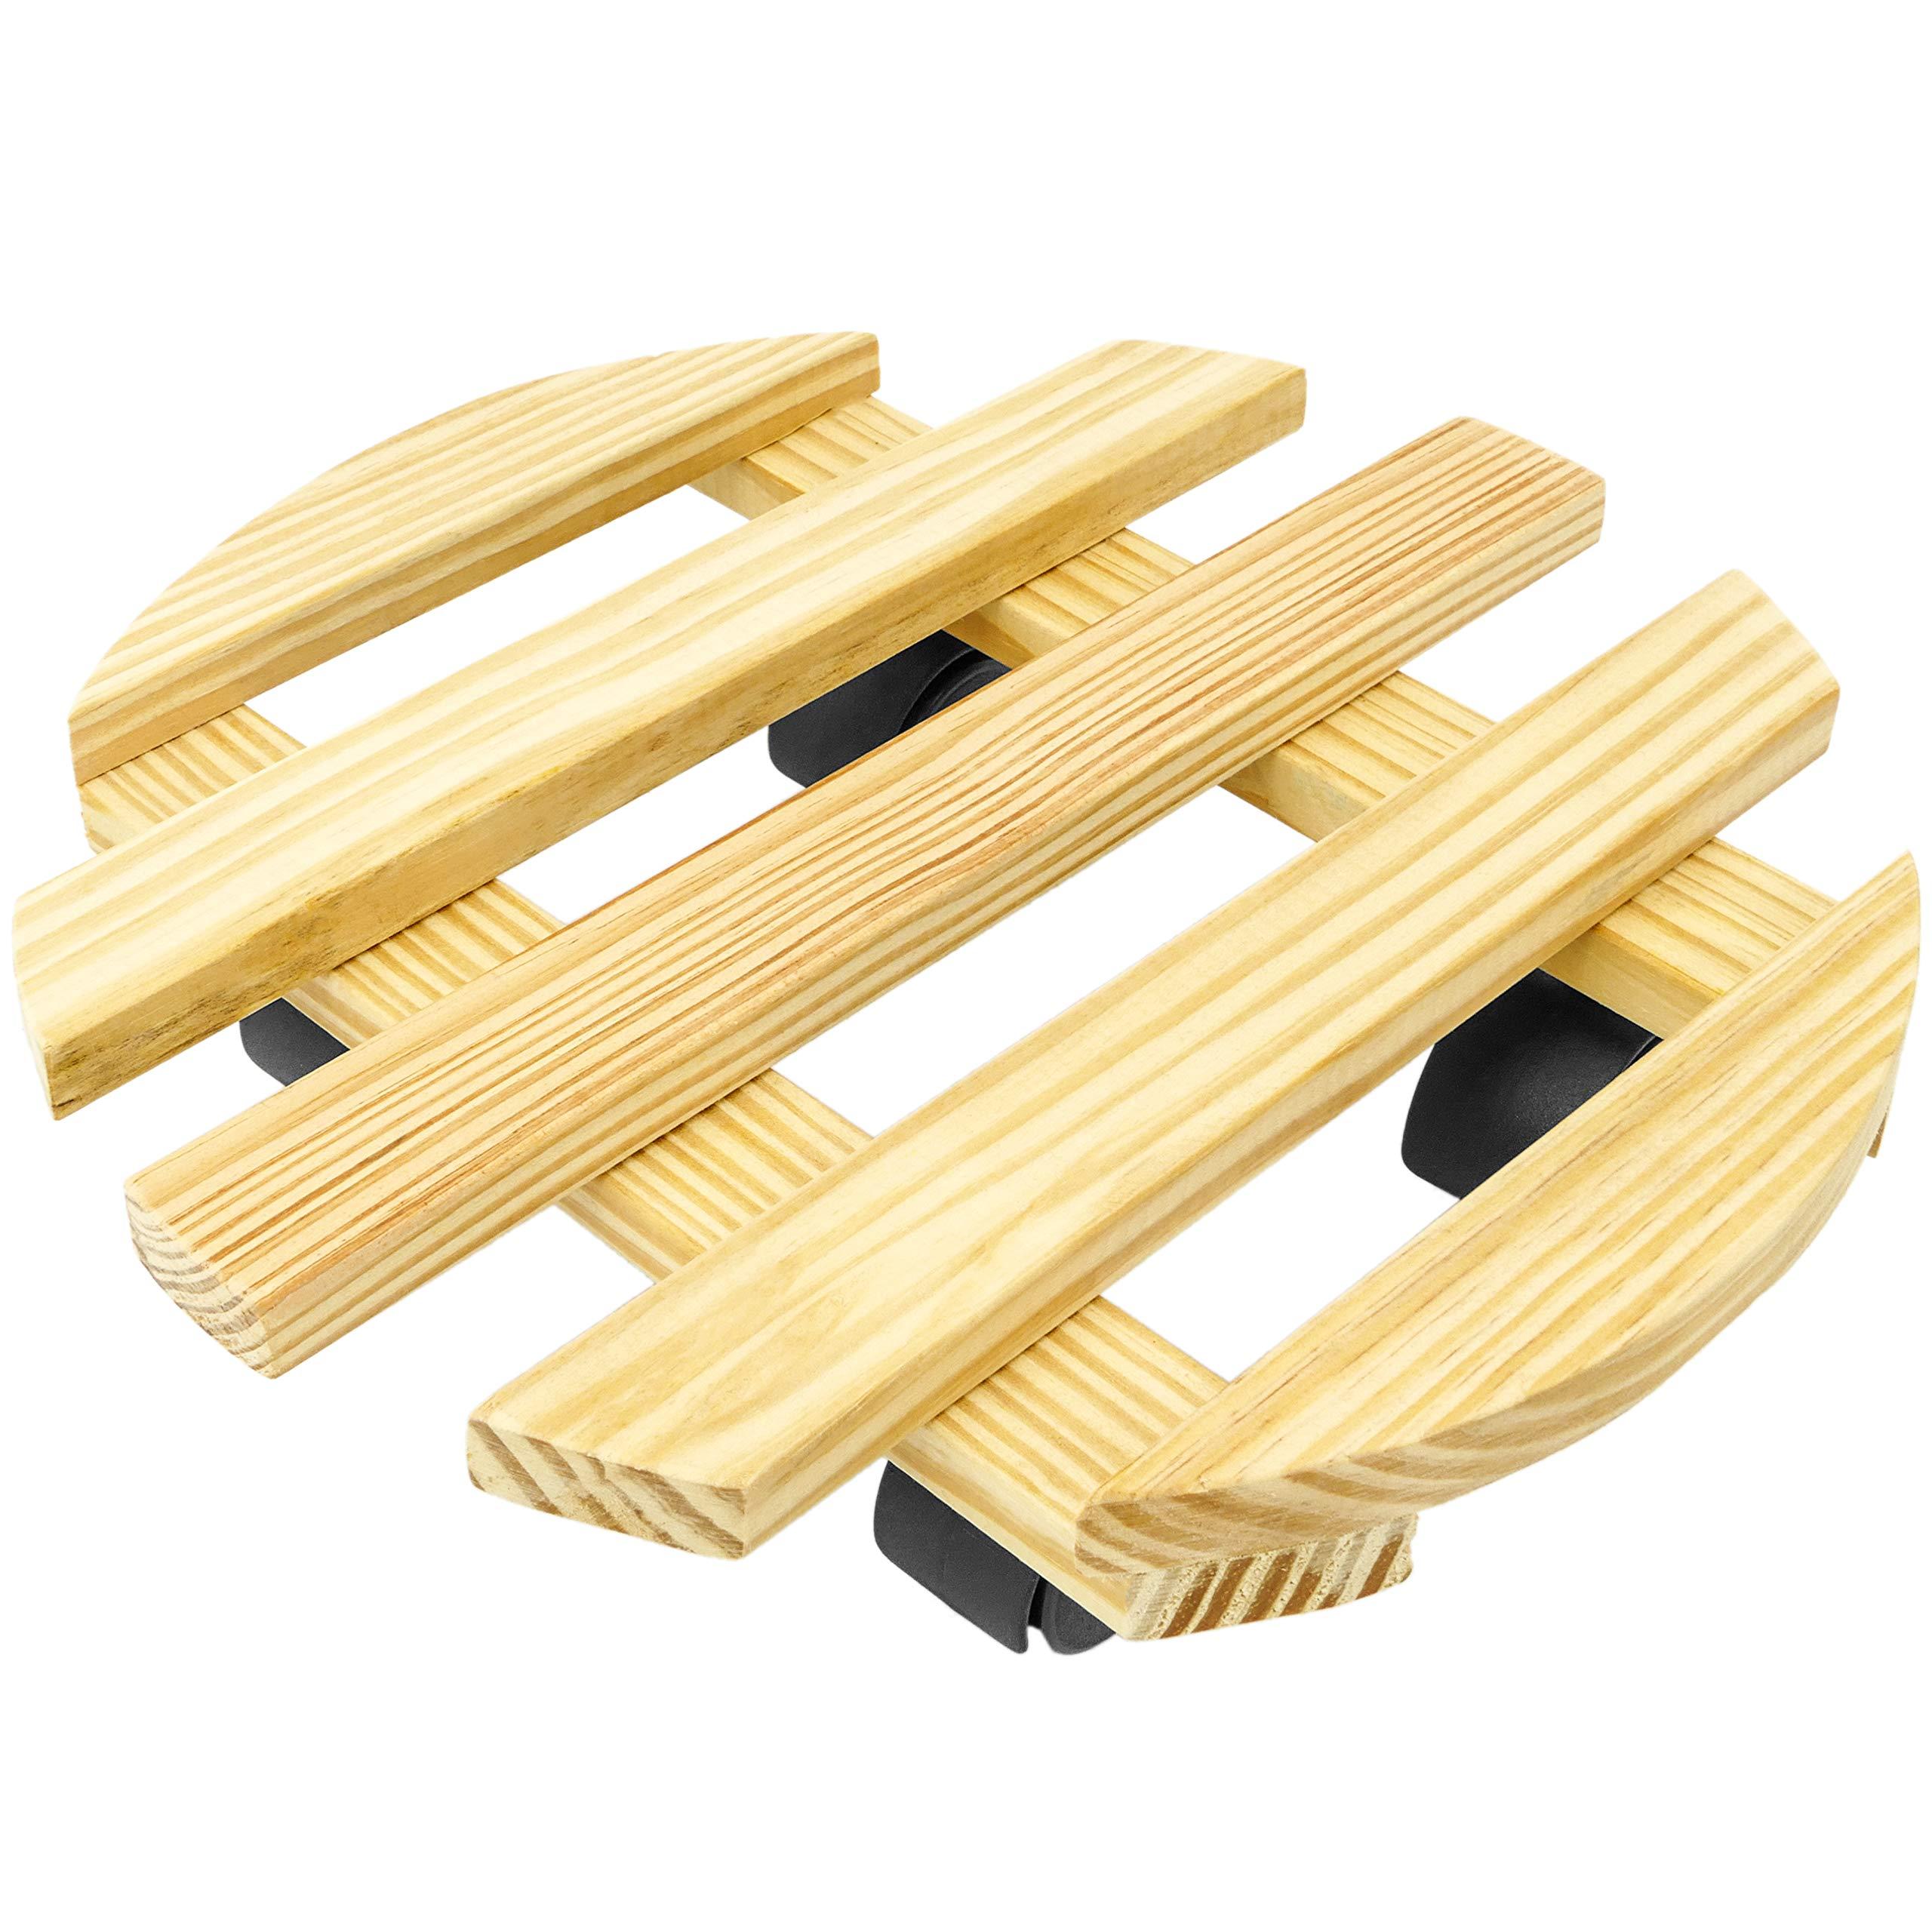 PrimeMatik Round Wooden Platform with Wheels 30 cm (KA096)